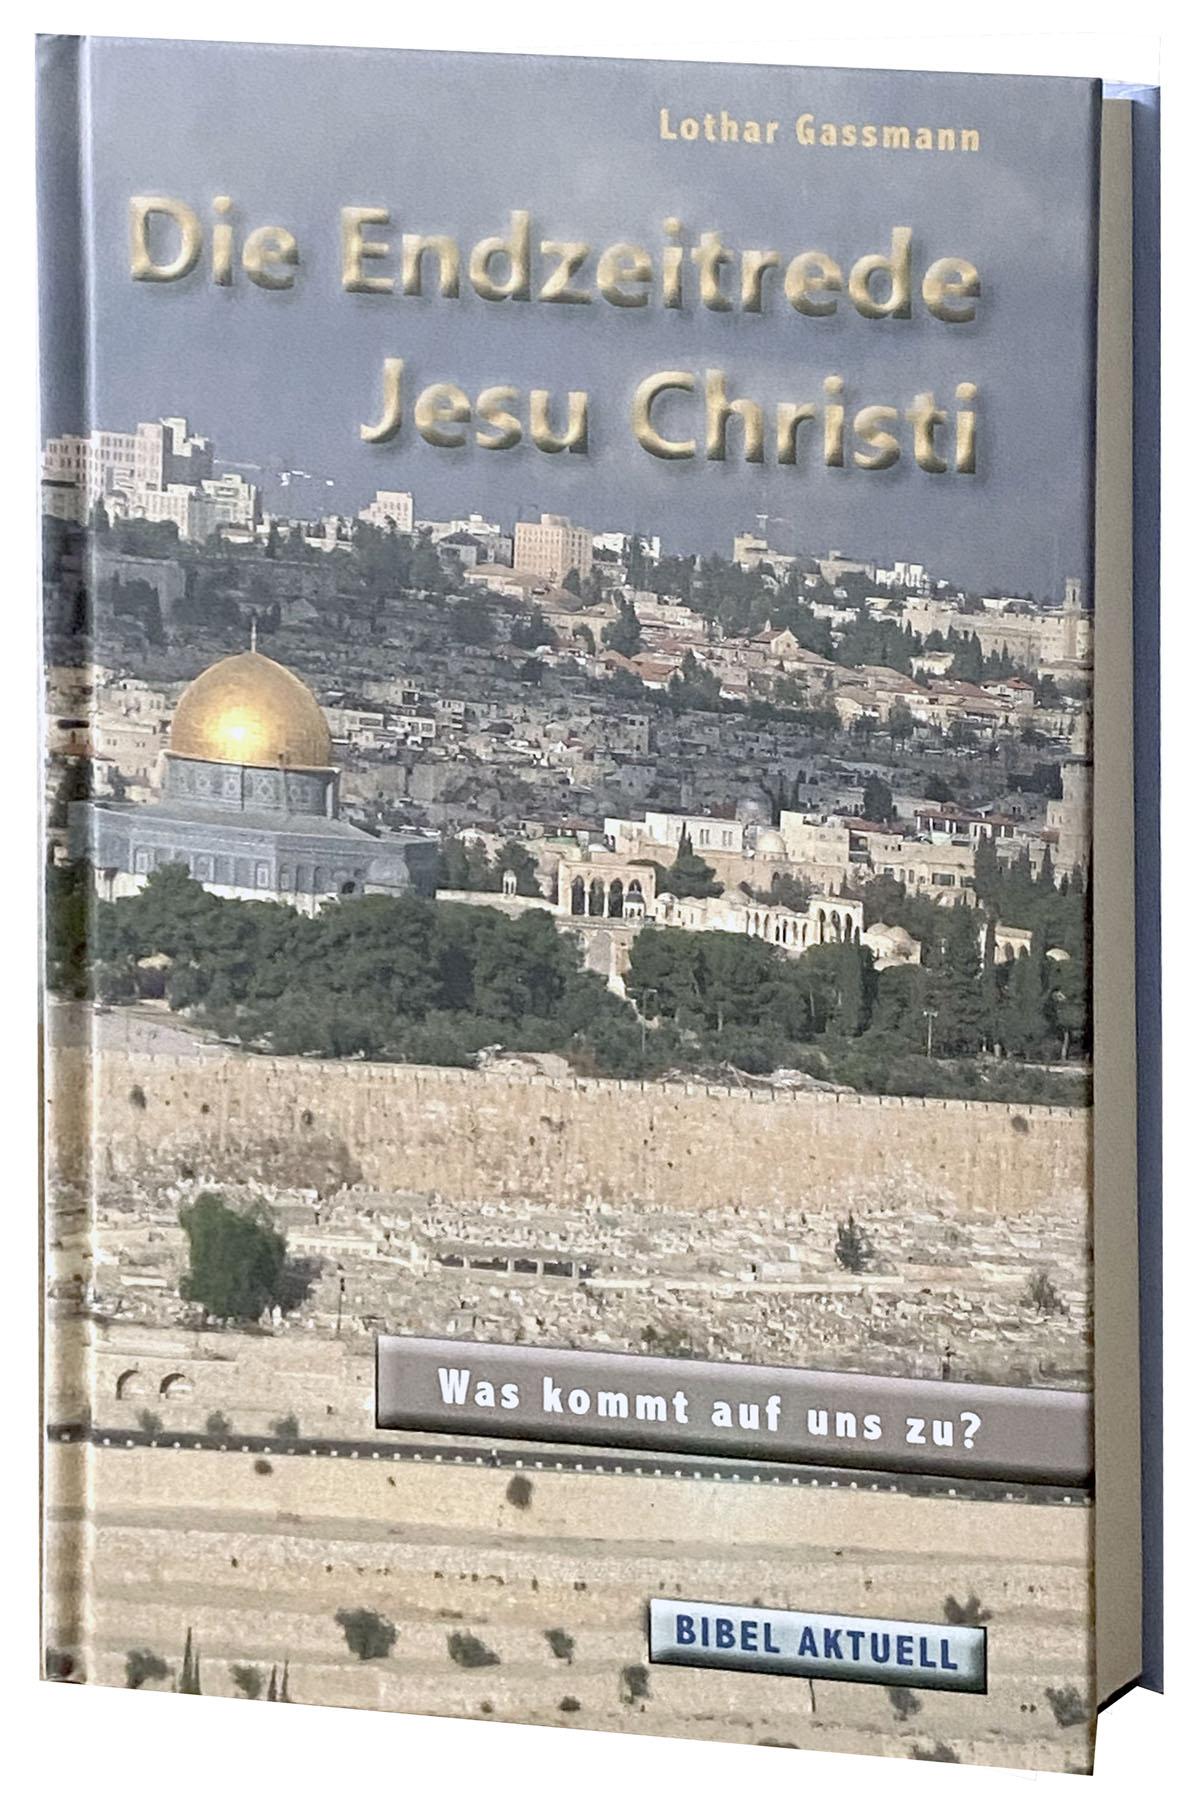 Die Endzeitrede Jesu Christi: Was kommt auf uns zu?